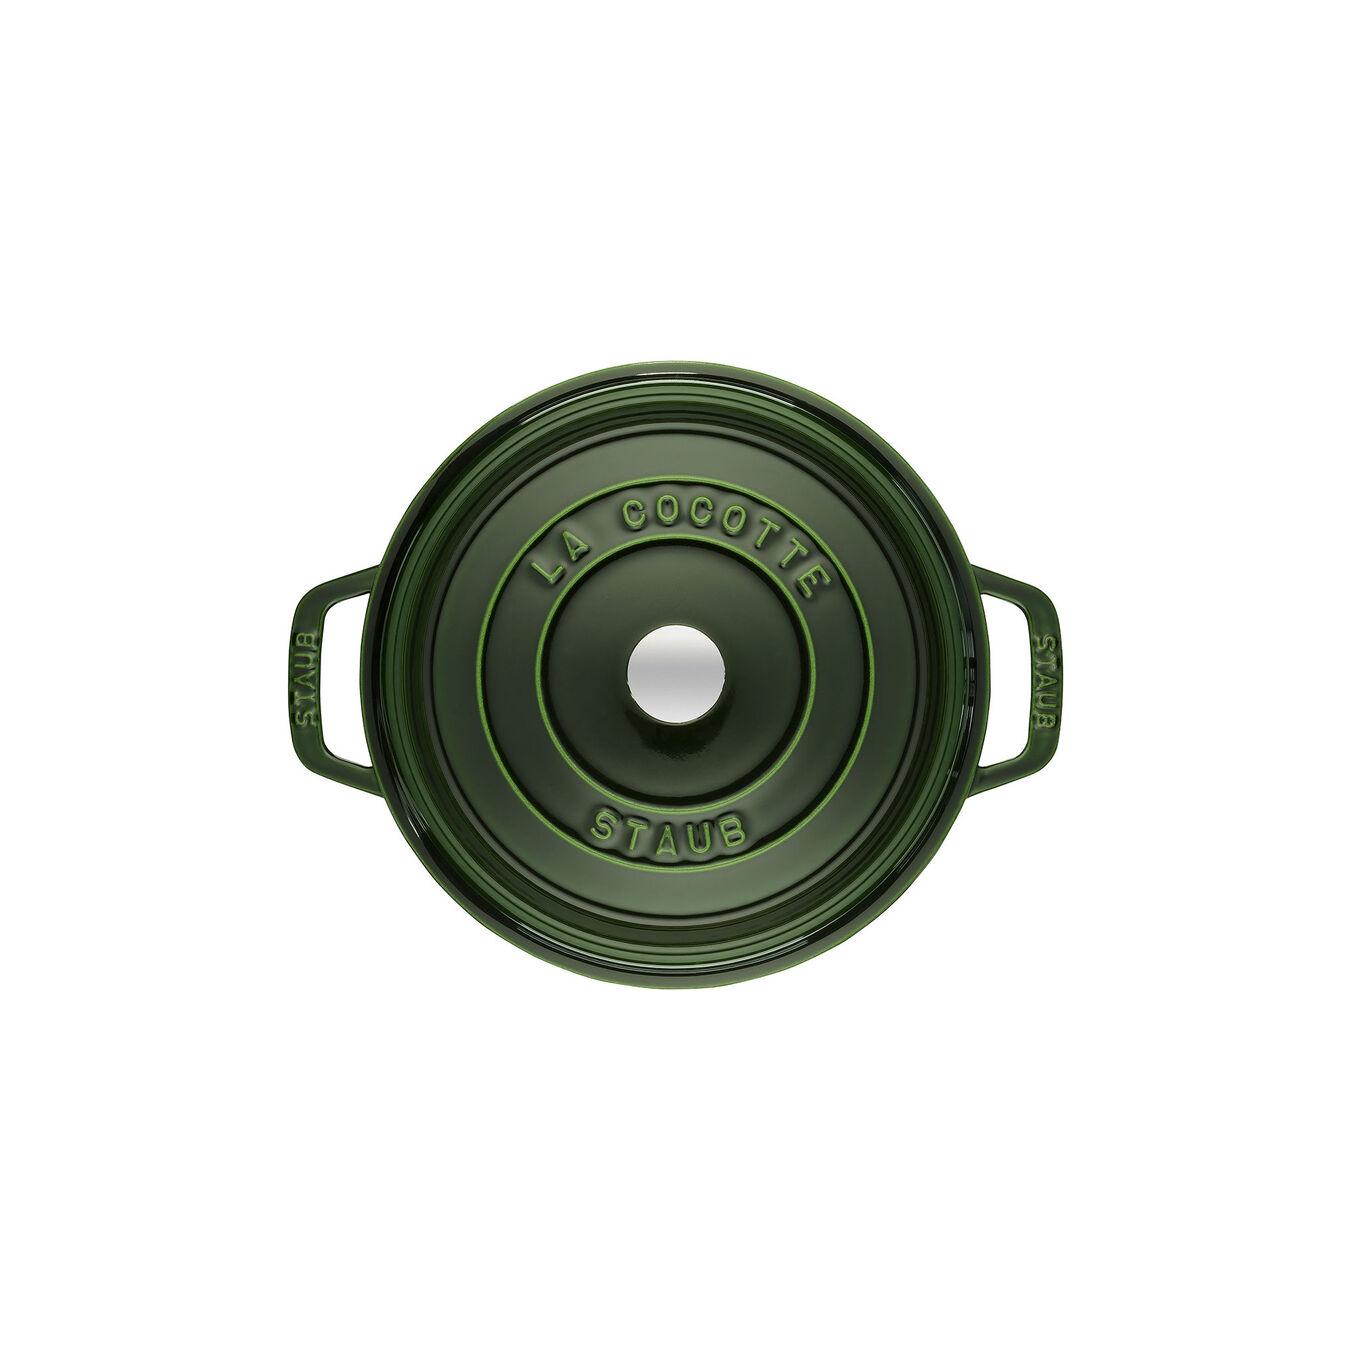 Cocotte rotonda - 22 cm, basilico,,large 2